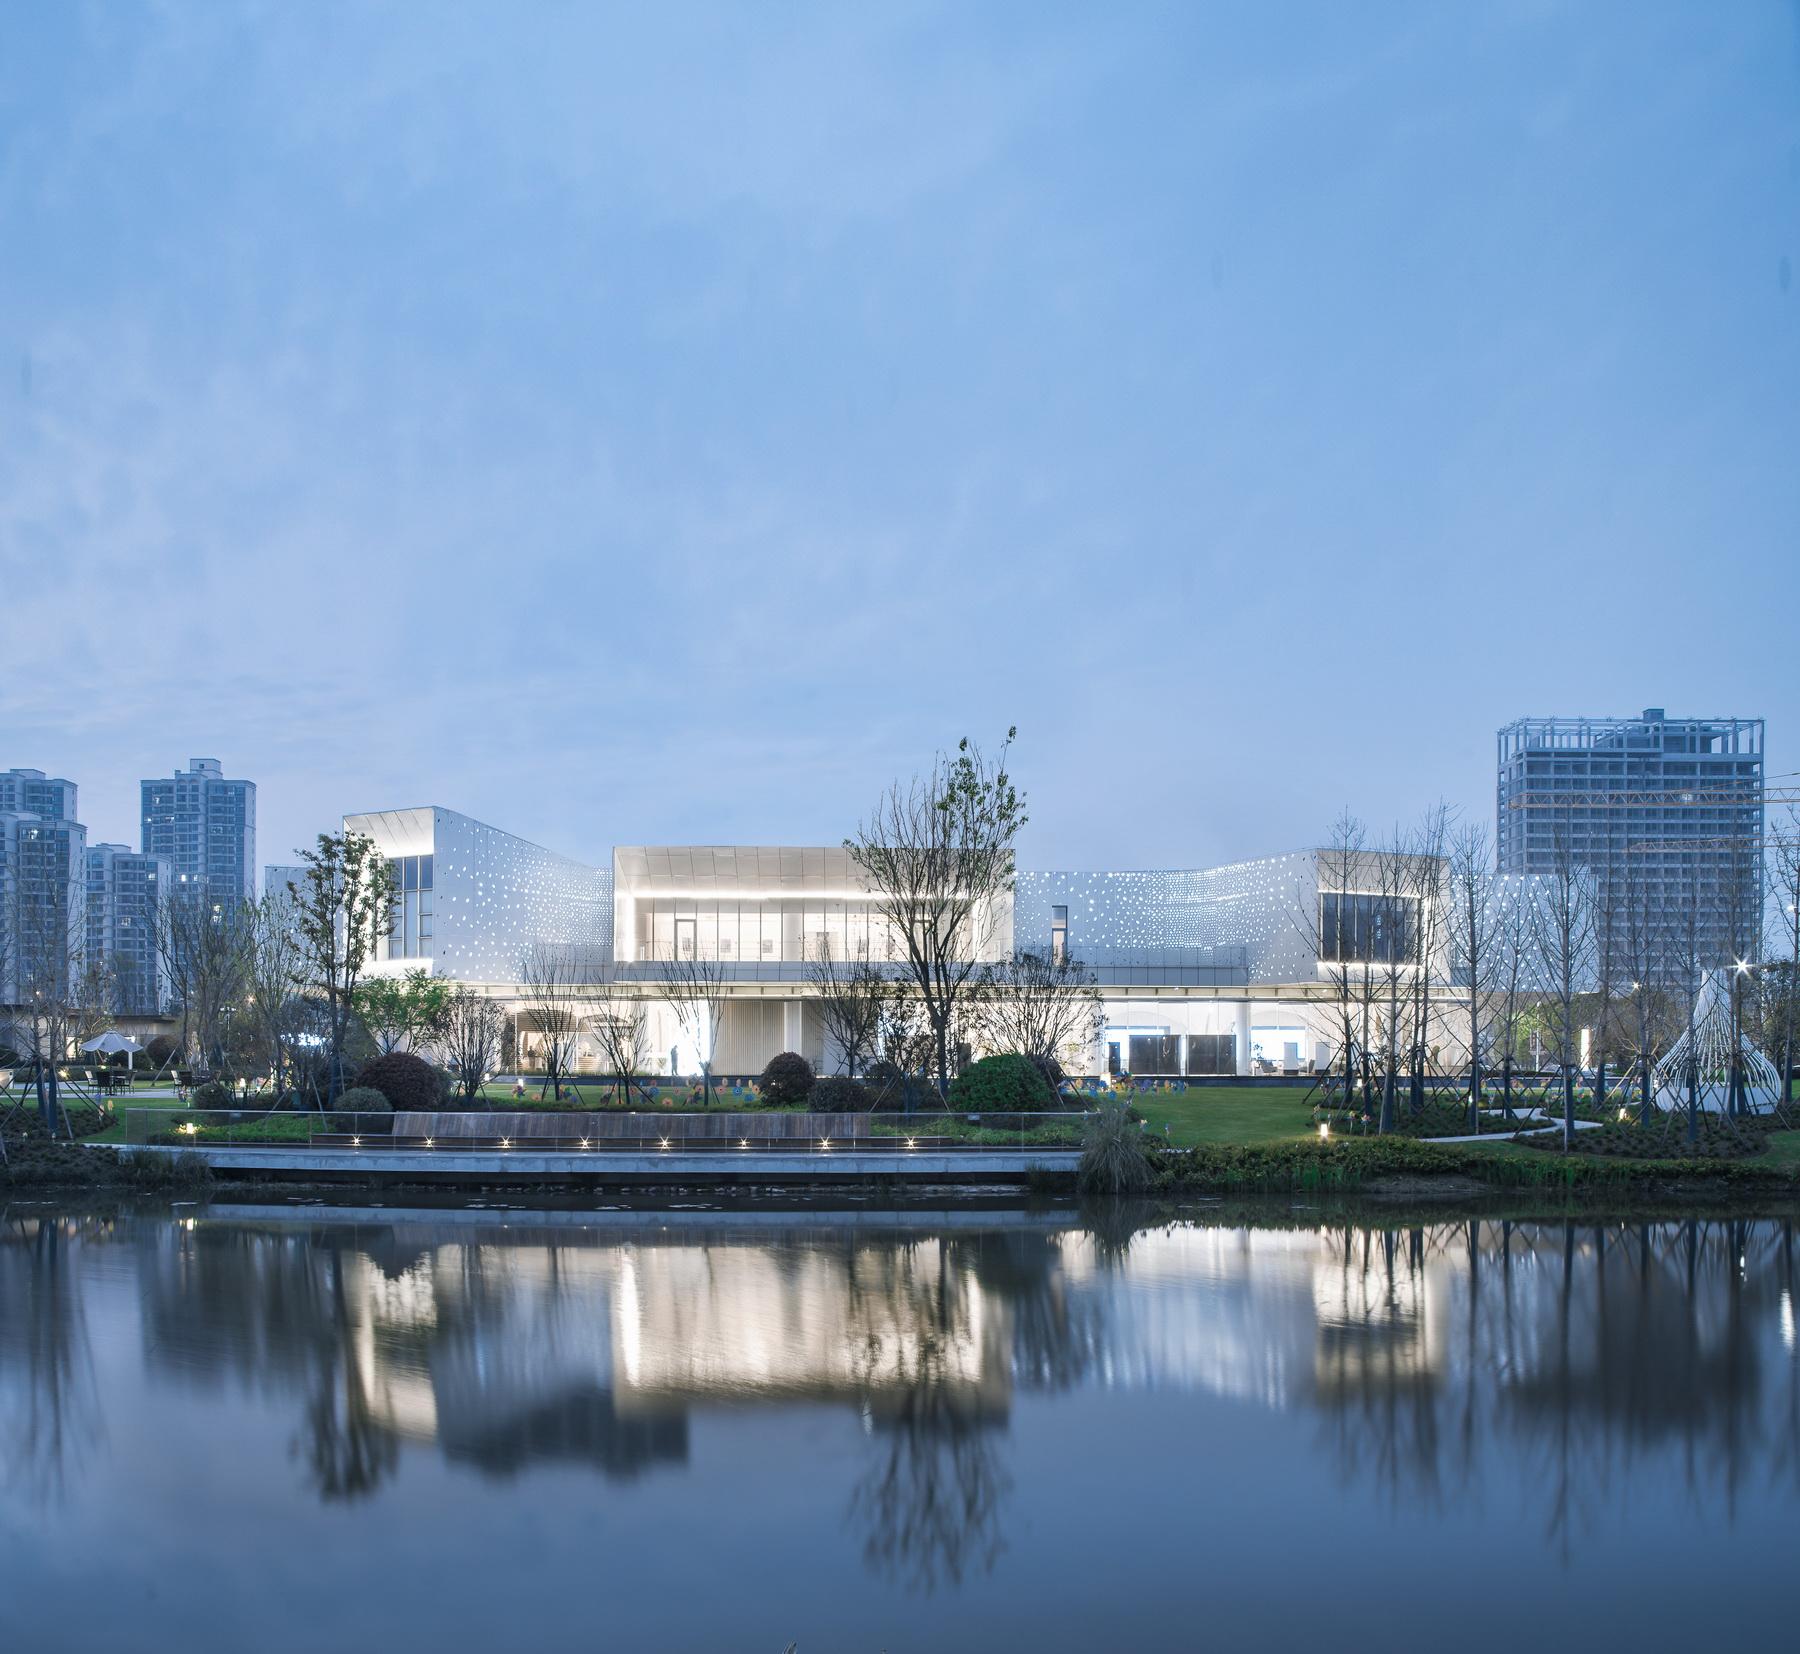 宁波祥源 · 源美术馆 建筑设计 / 水石设计